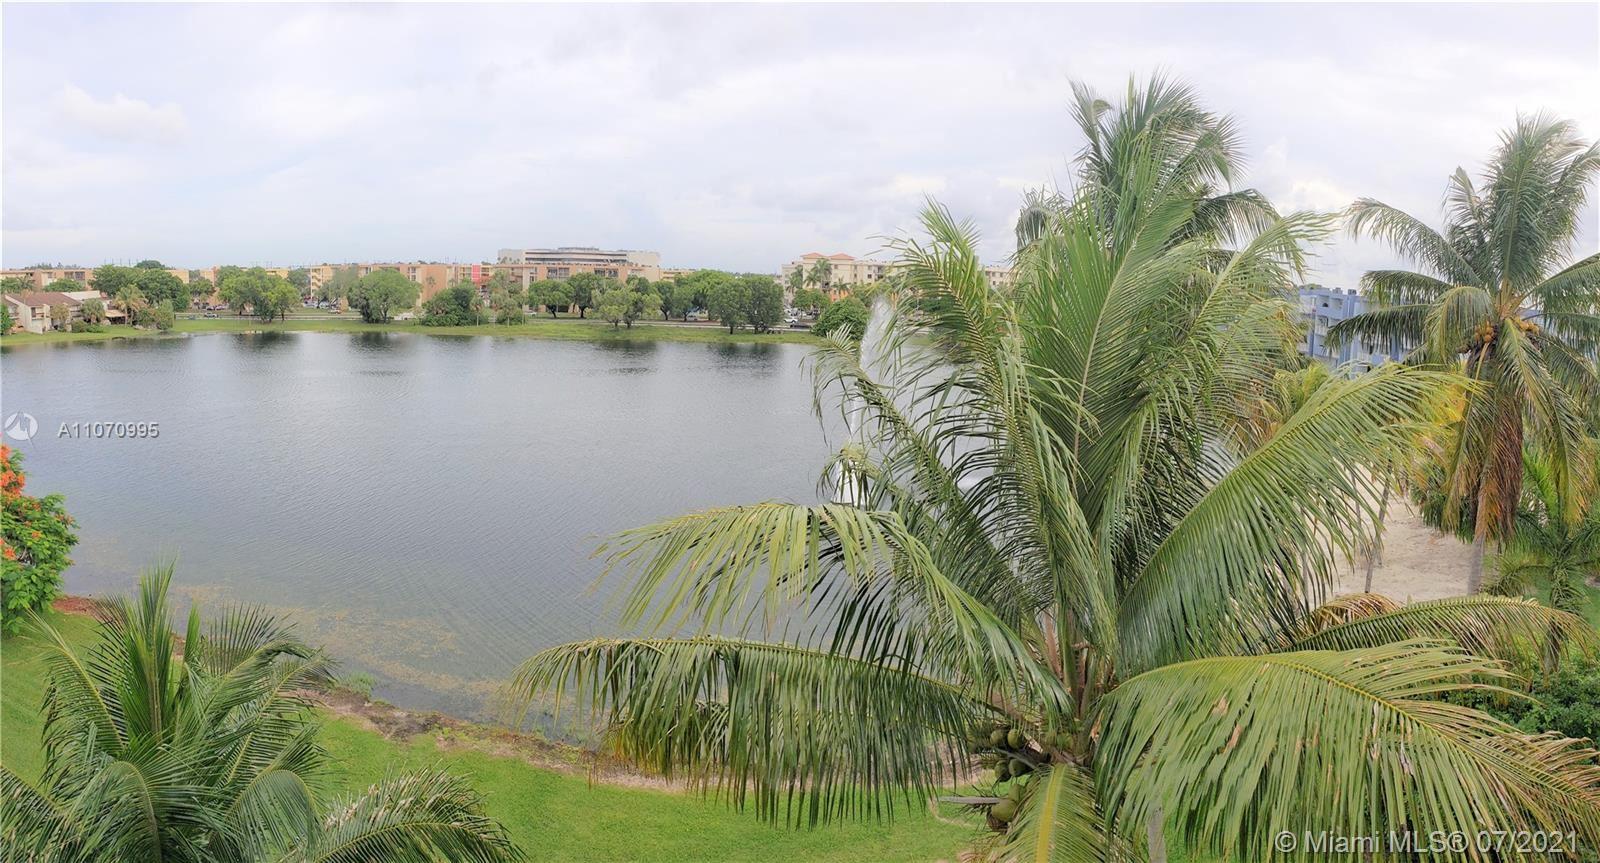 9357 Fontainebleau Blvd #D412, Miami, FL 33172 - #: A11070995